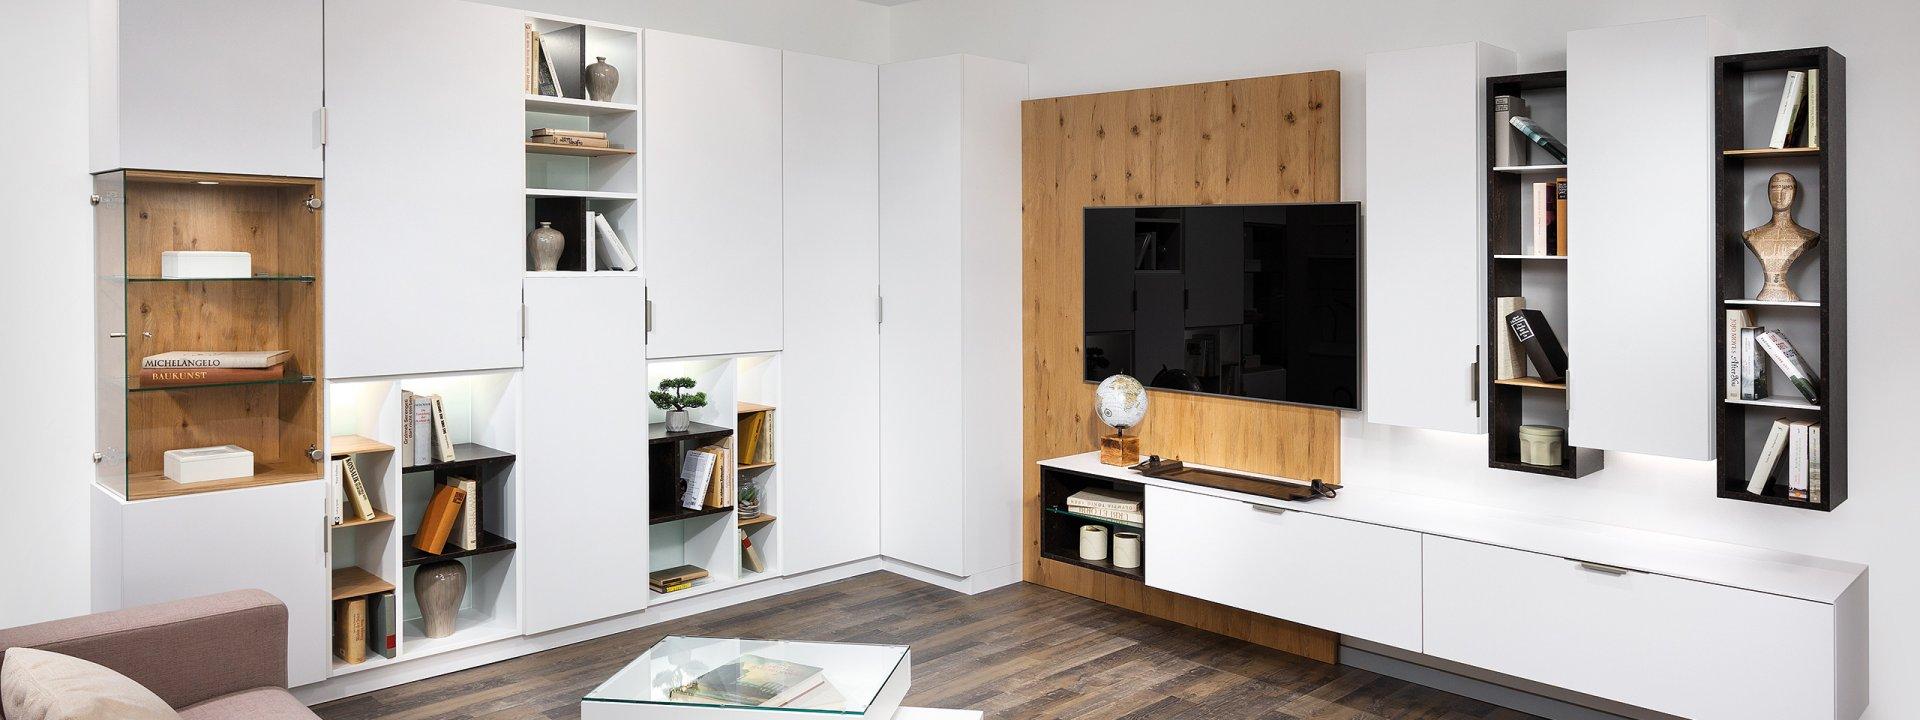 Tolle Küchenschranktüren Verkauf Bilder - Küchenschrank Ideen ...